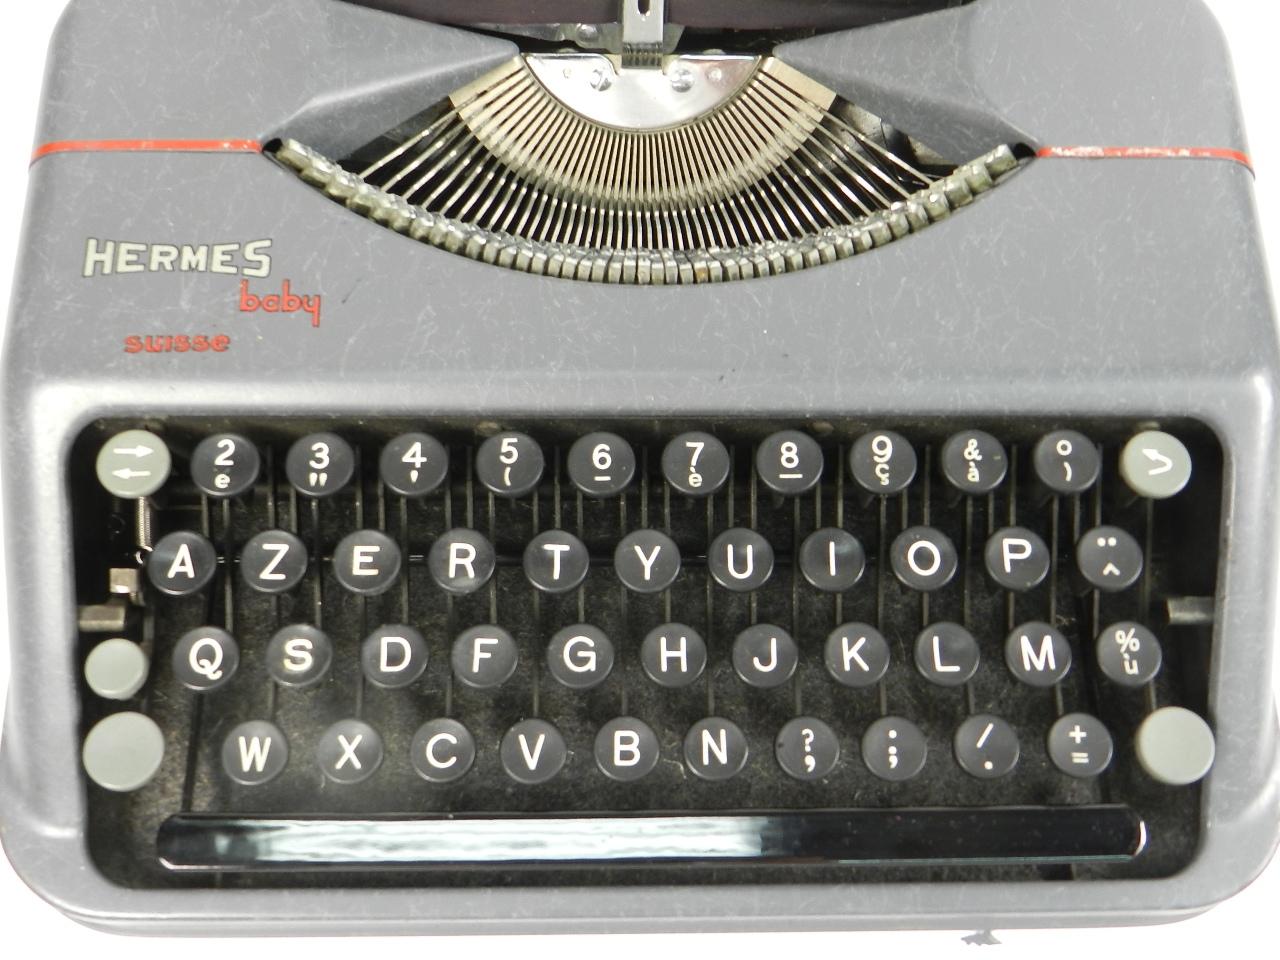 Imagen HERMES BABY AÑO 1942 29745